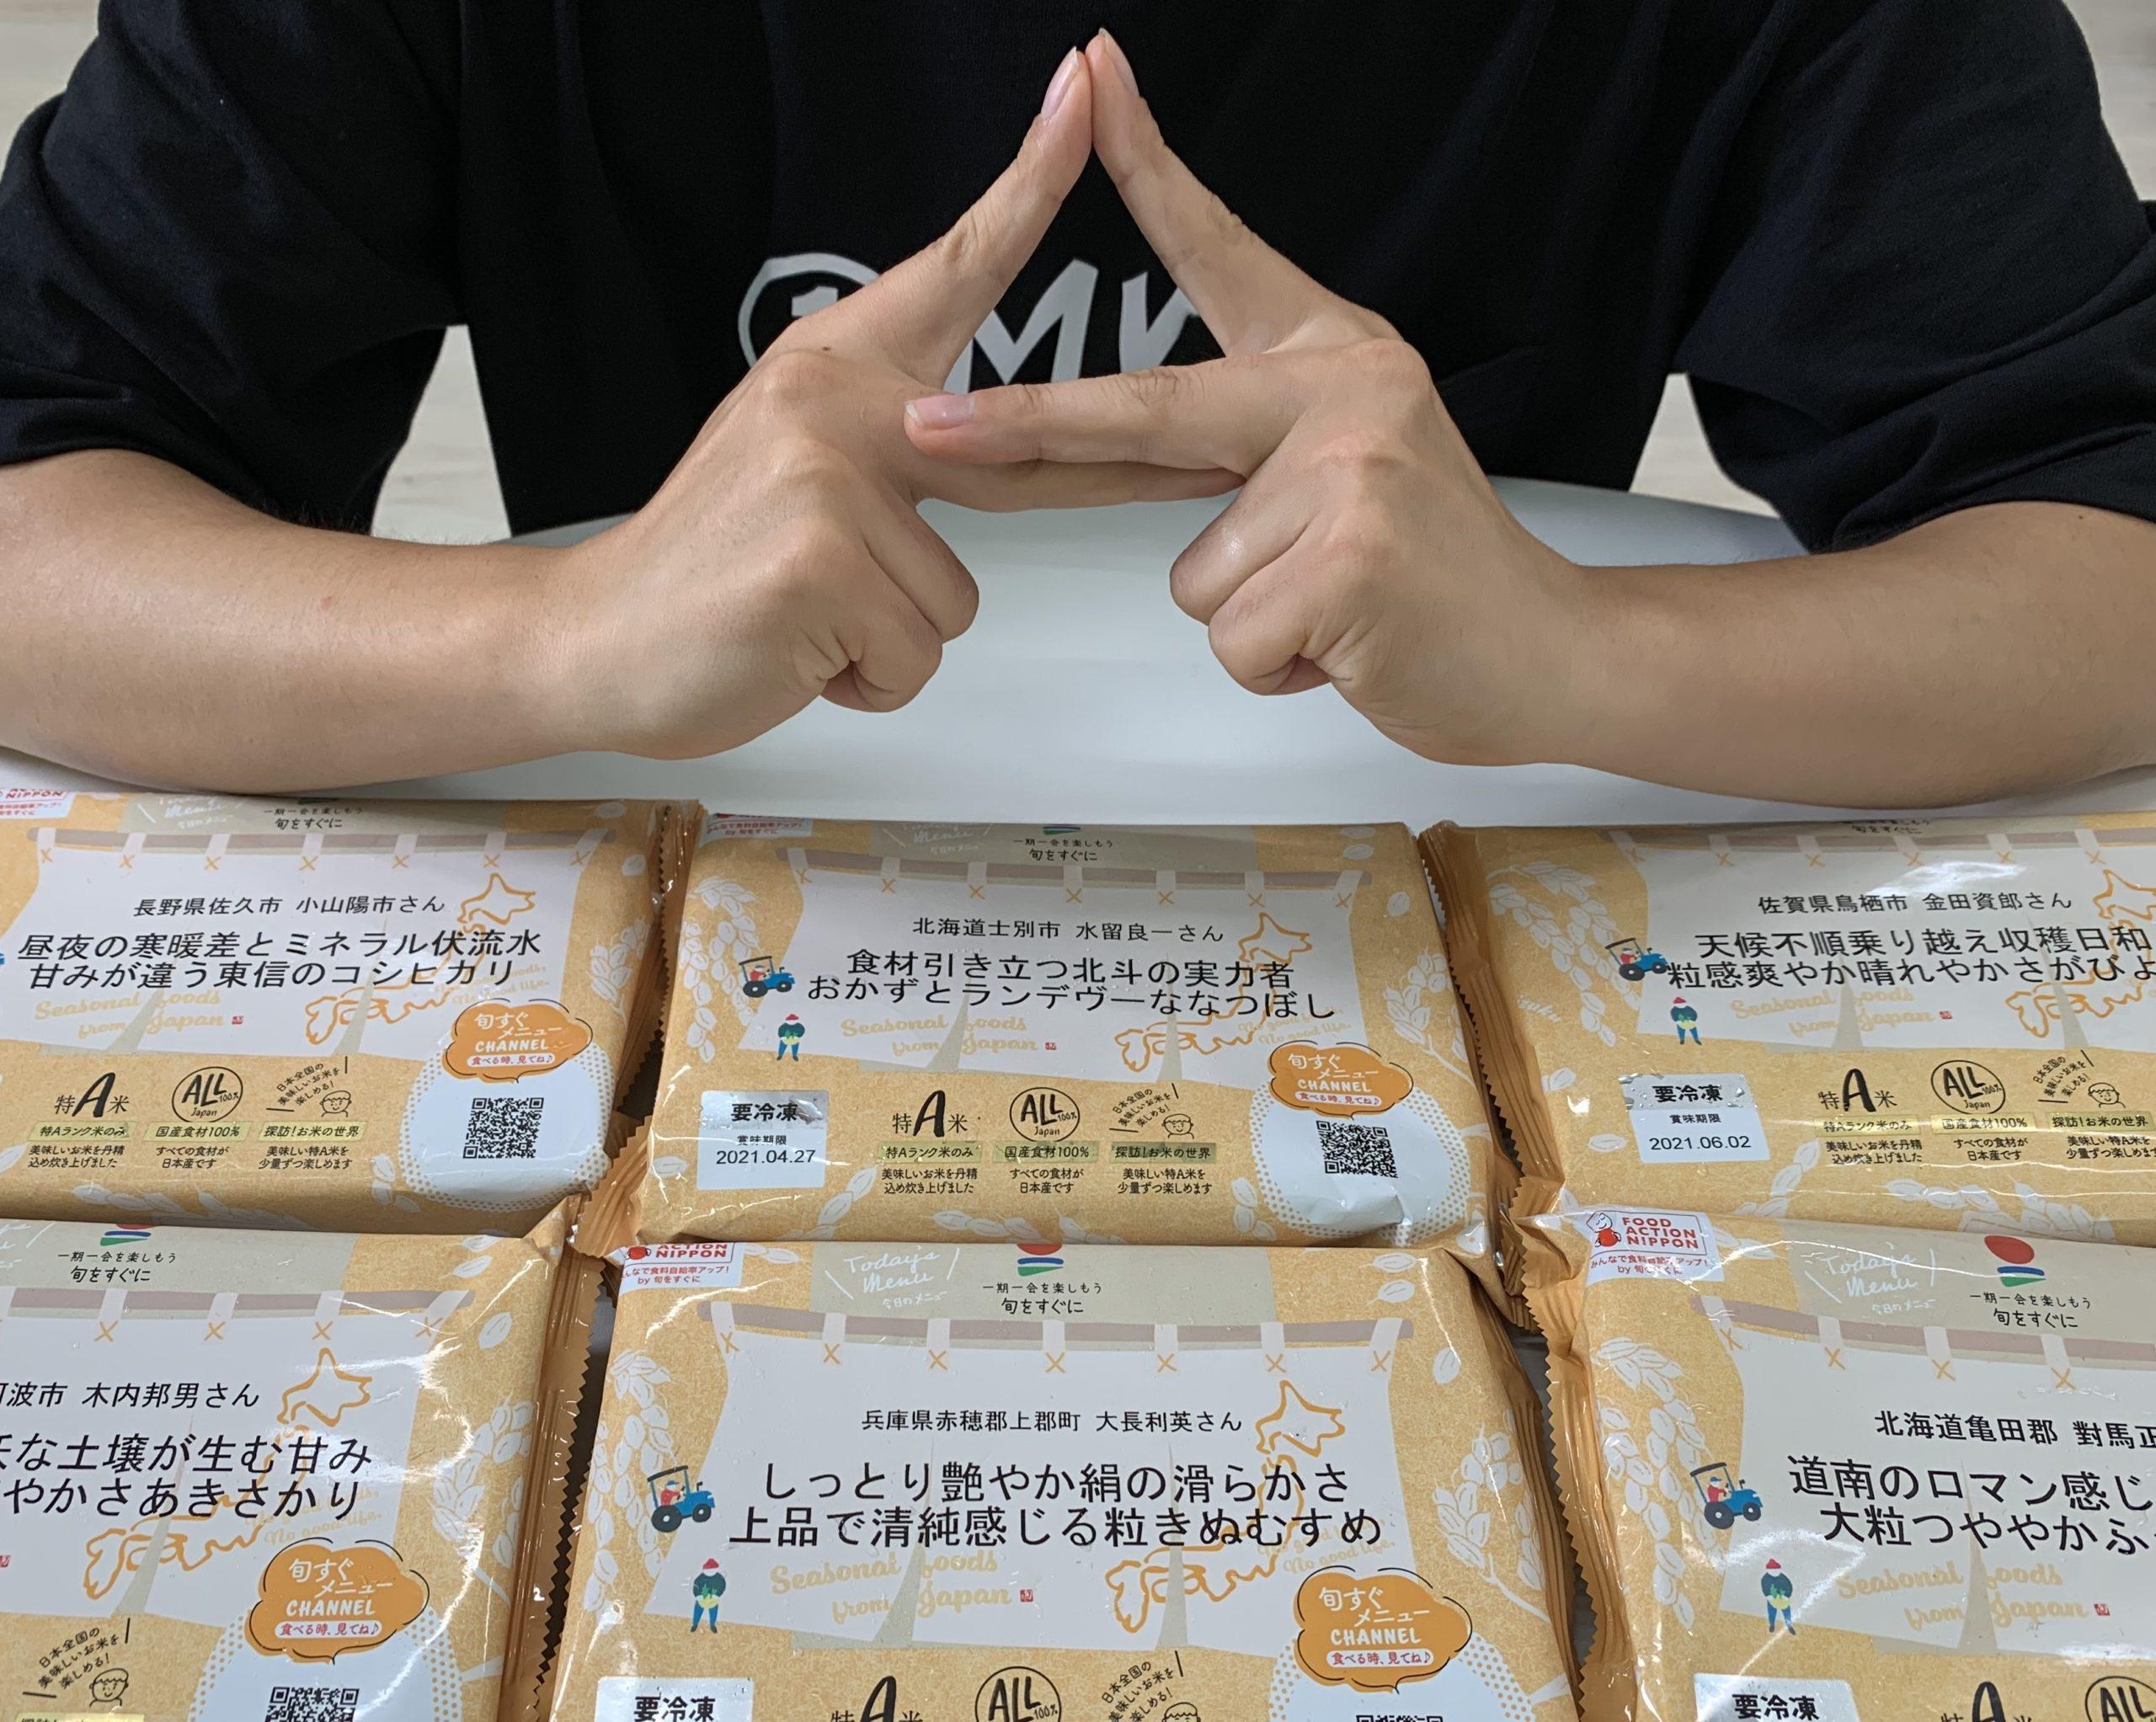 旬チューバー@shuntuberが先着2020名に米10食分を配布中。~8/2 18時。